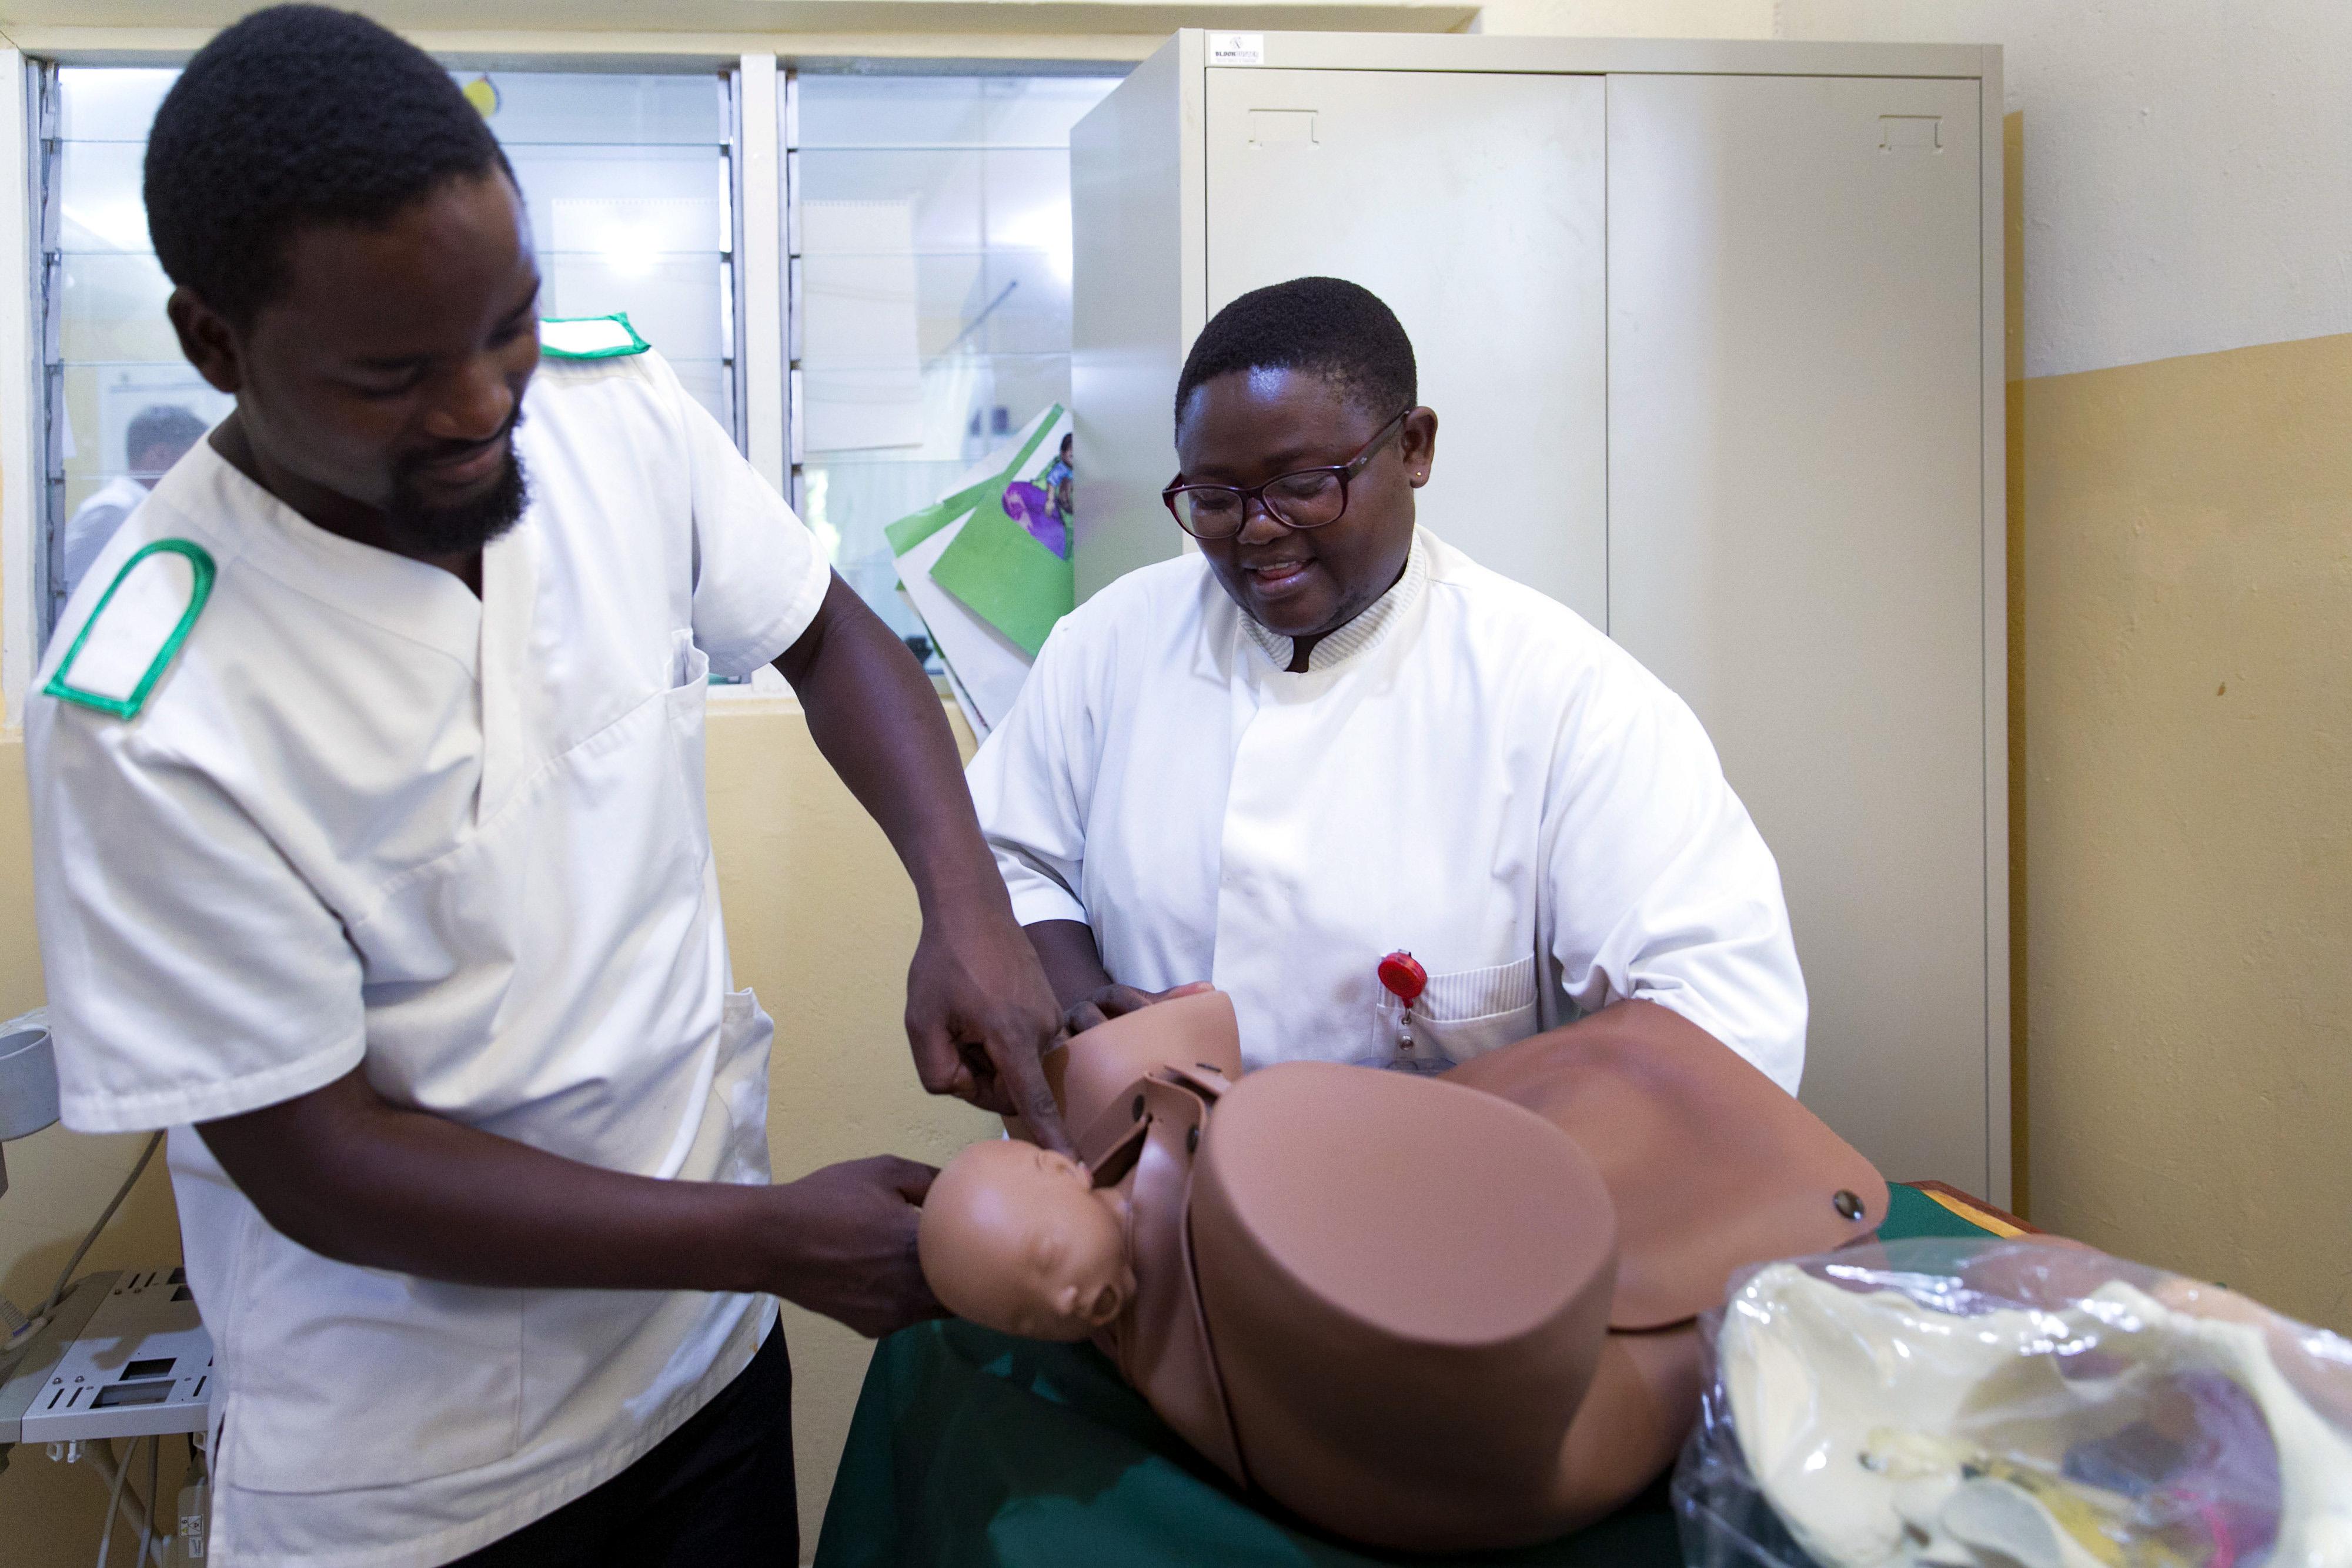 Demonstration einer Geburt auf der Geburtsstation des Nkhoma-Krankenhauses in Malawi, wo im sogenannten Skills Lab Hebammen und Geburtshelfer weitergebildet werden.